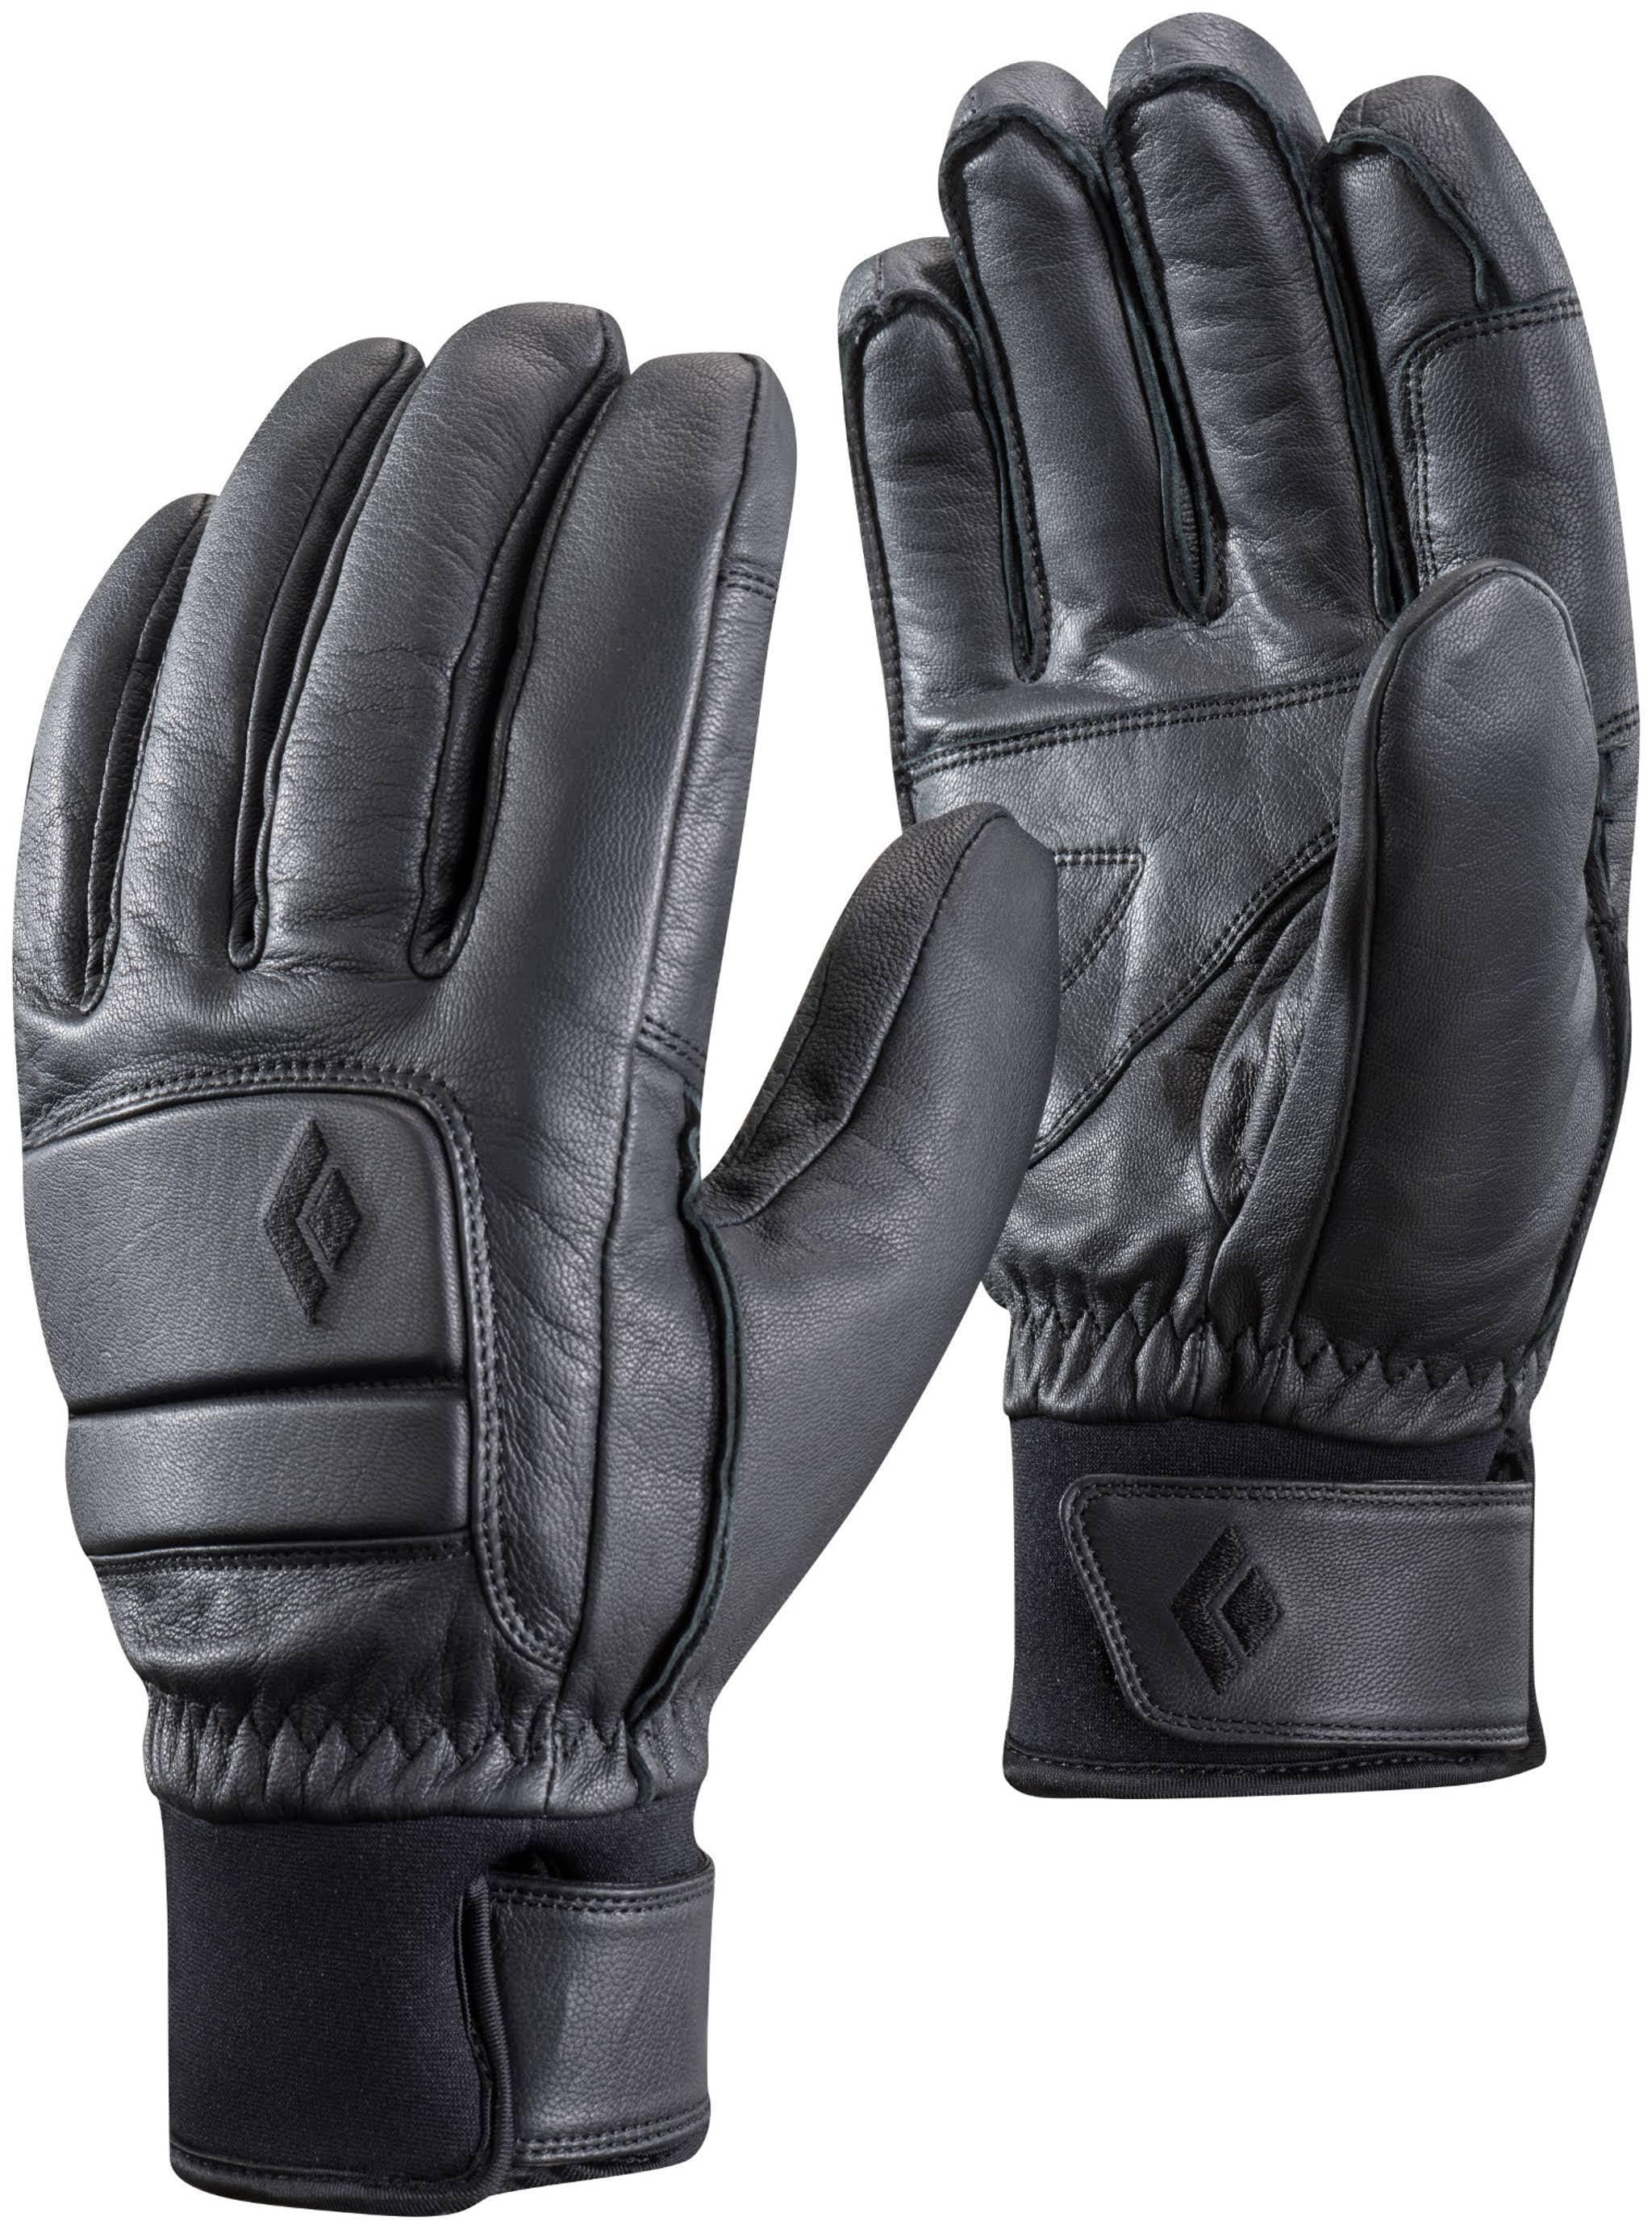 Black Diamond Spark Smoke Gloves XL